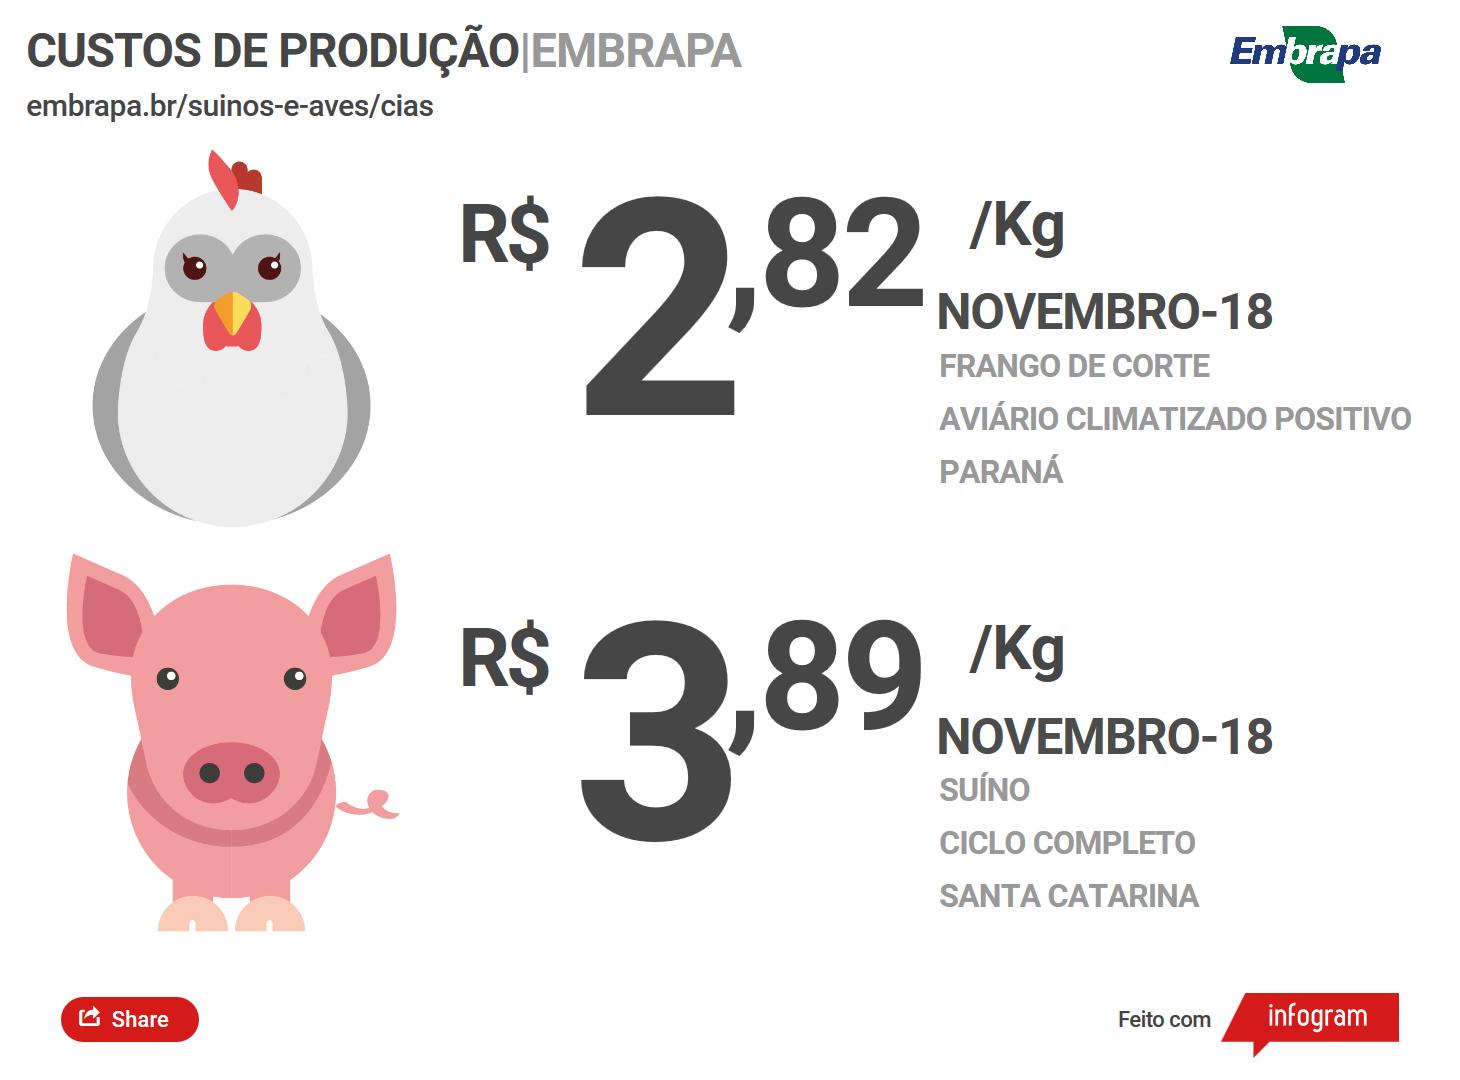 Custos de produção de frangos de corte e de suínos têm redução em novembro